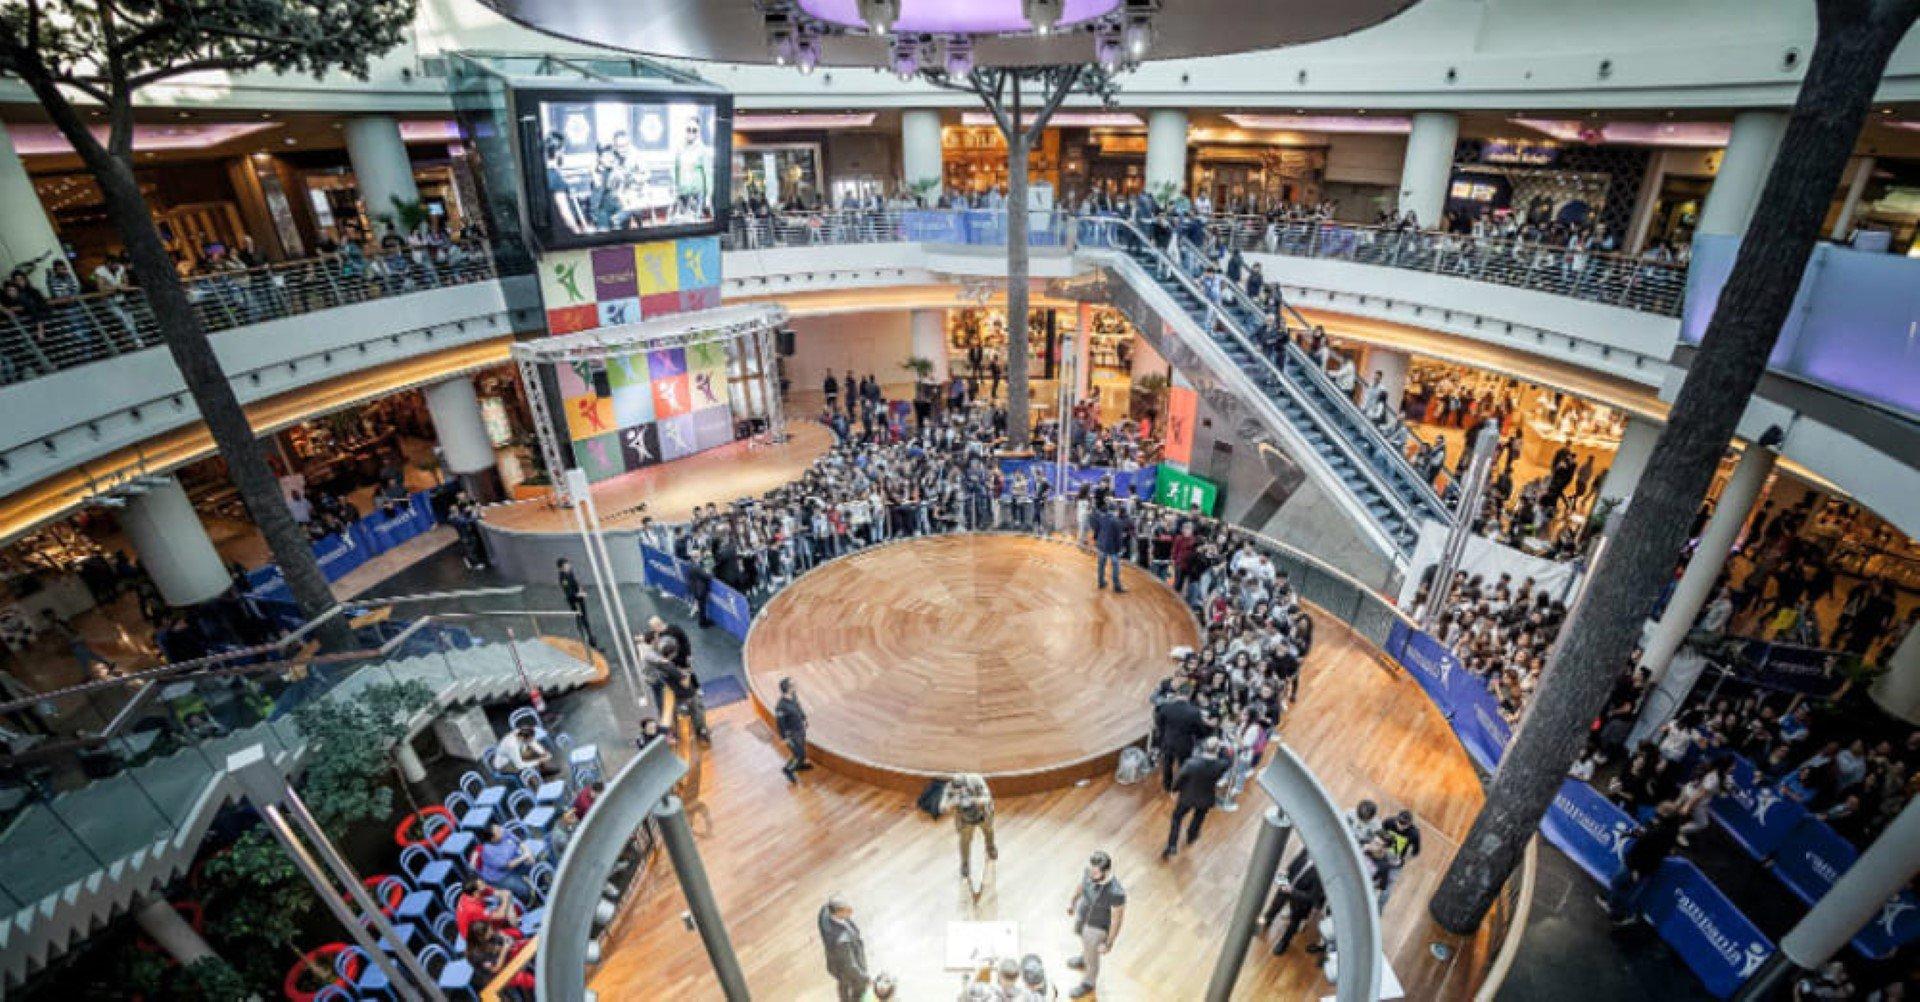 Marcianise centro commerciale campania prendi al volo for Centro convenienza arredi marcianise marcianise ce